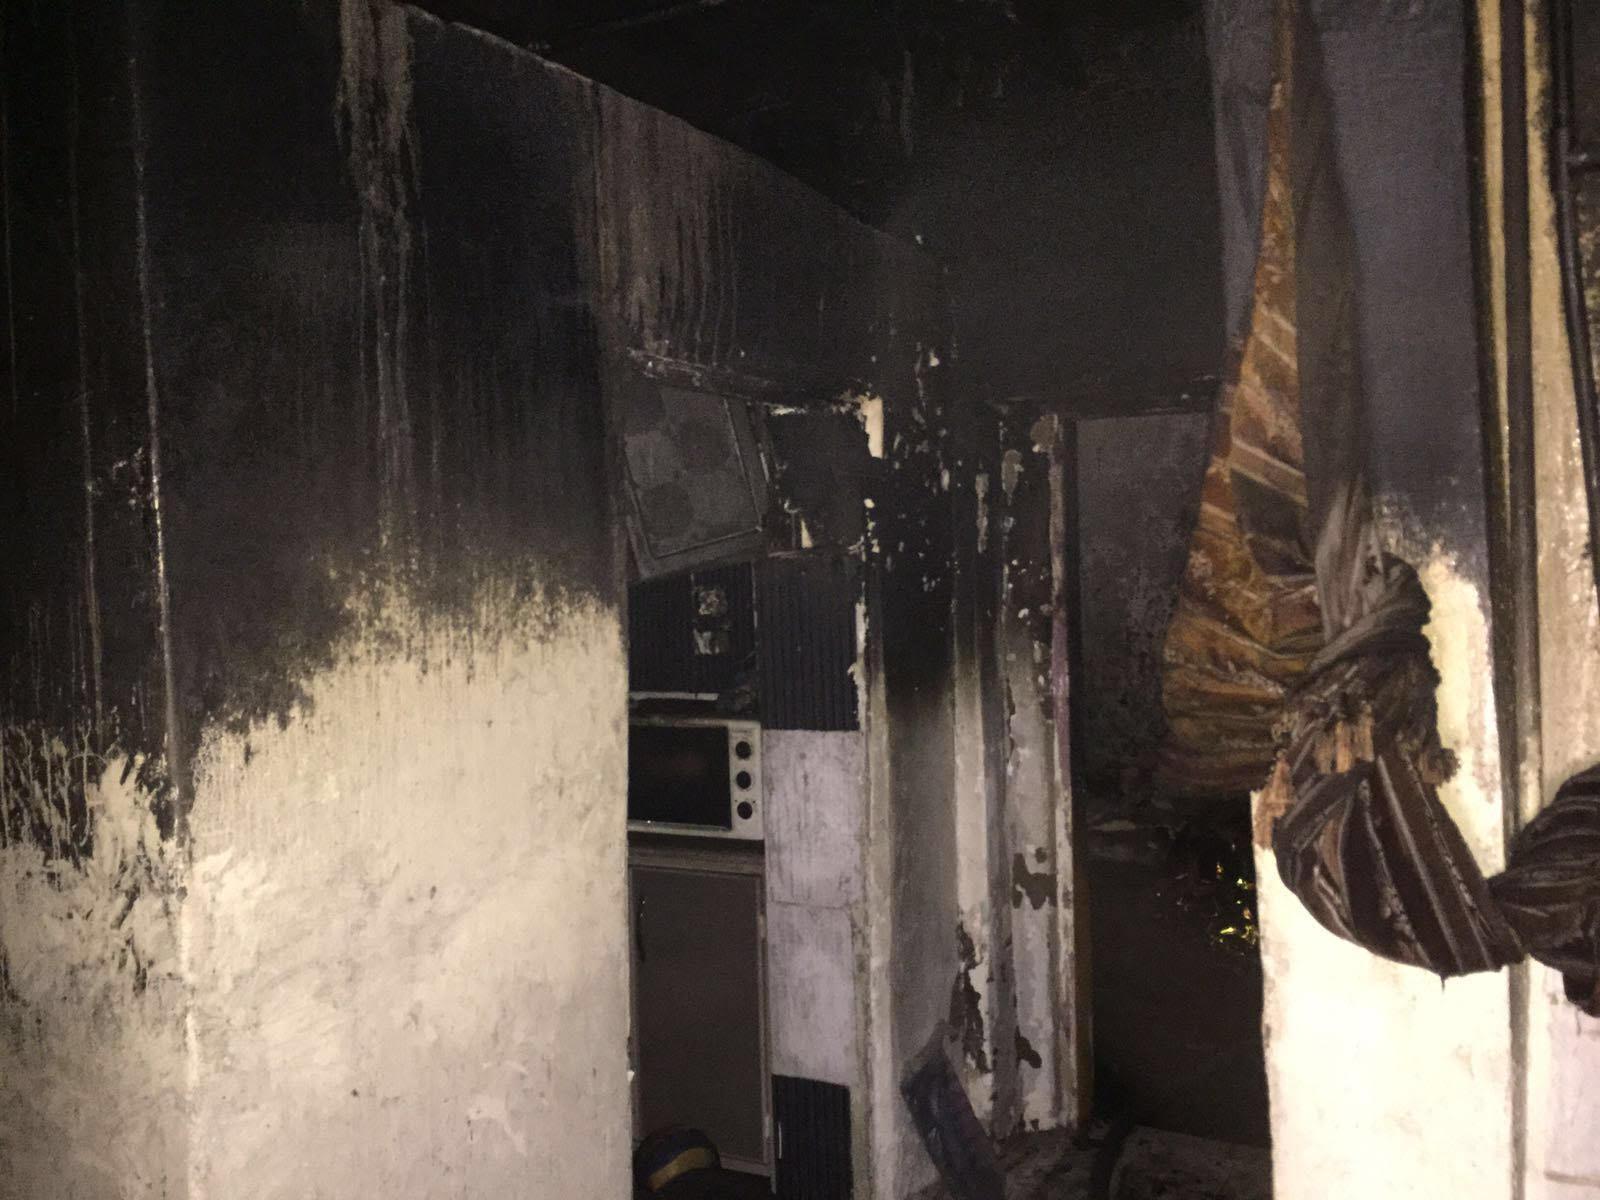 حريق منزل بالمدينة المنورة (1)